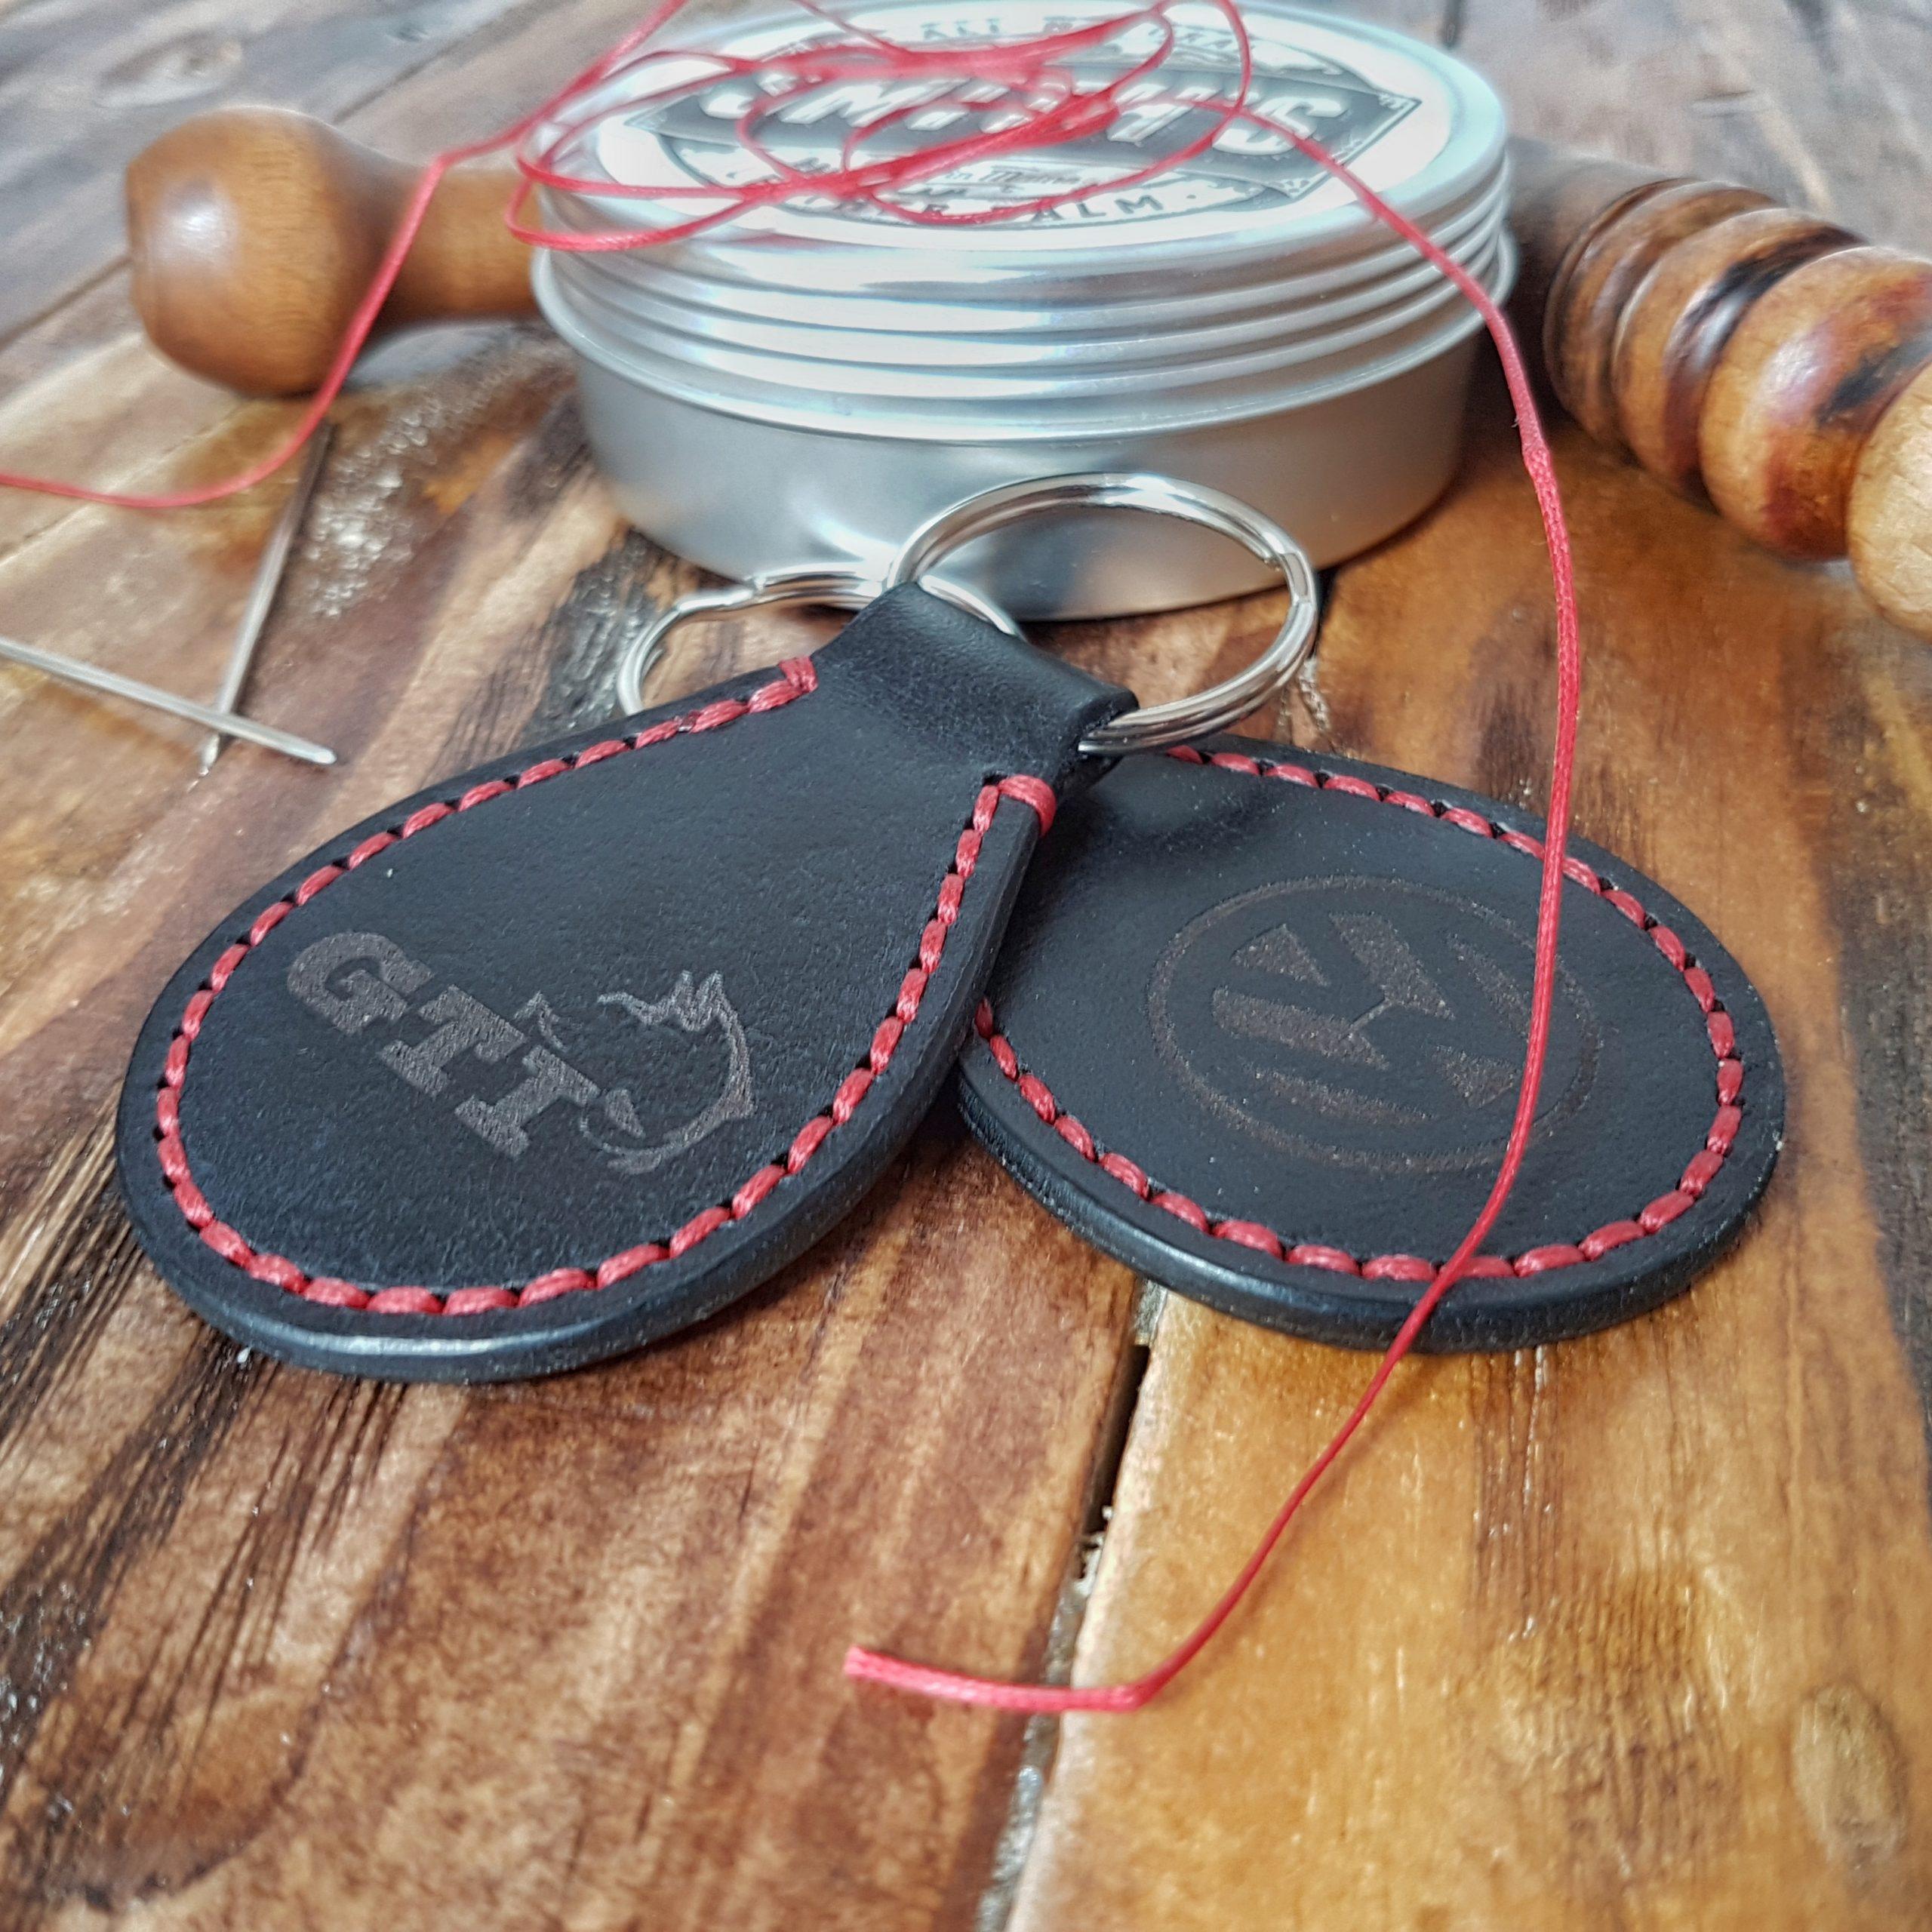 Leather Key Fobs-VW-Gti Leather Keyrings-Engraved Black Gti Diablo Leather Keyrings